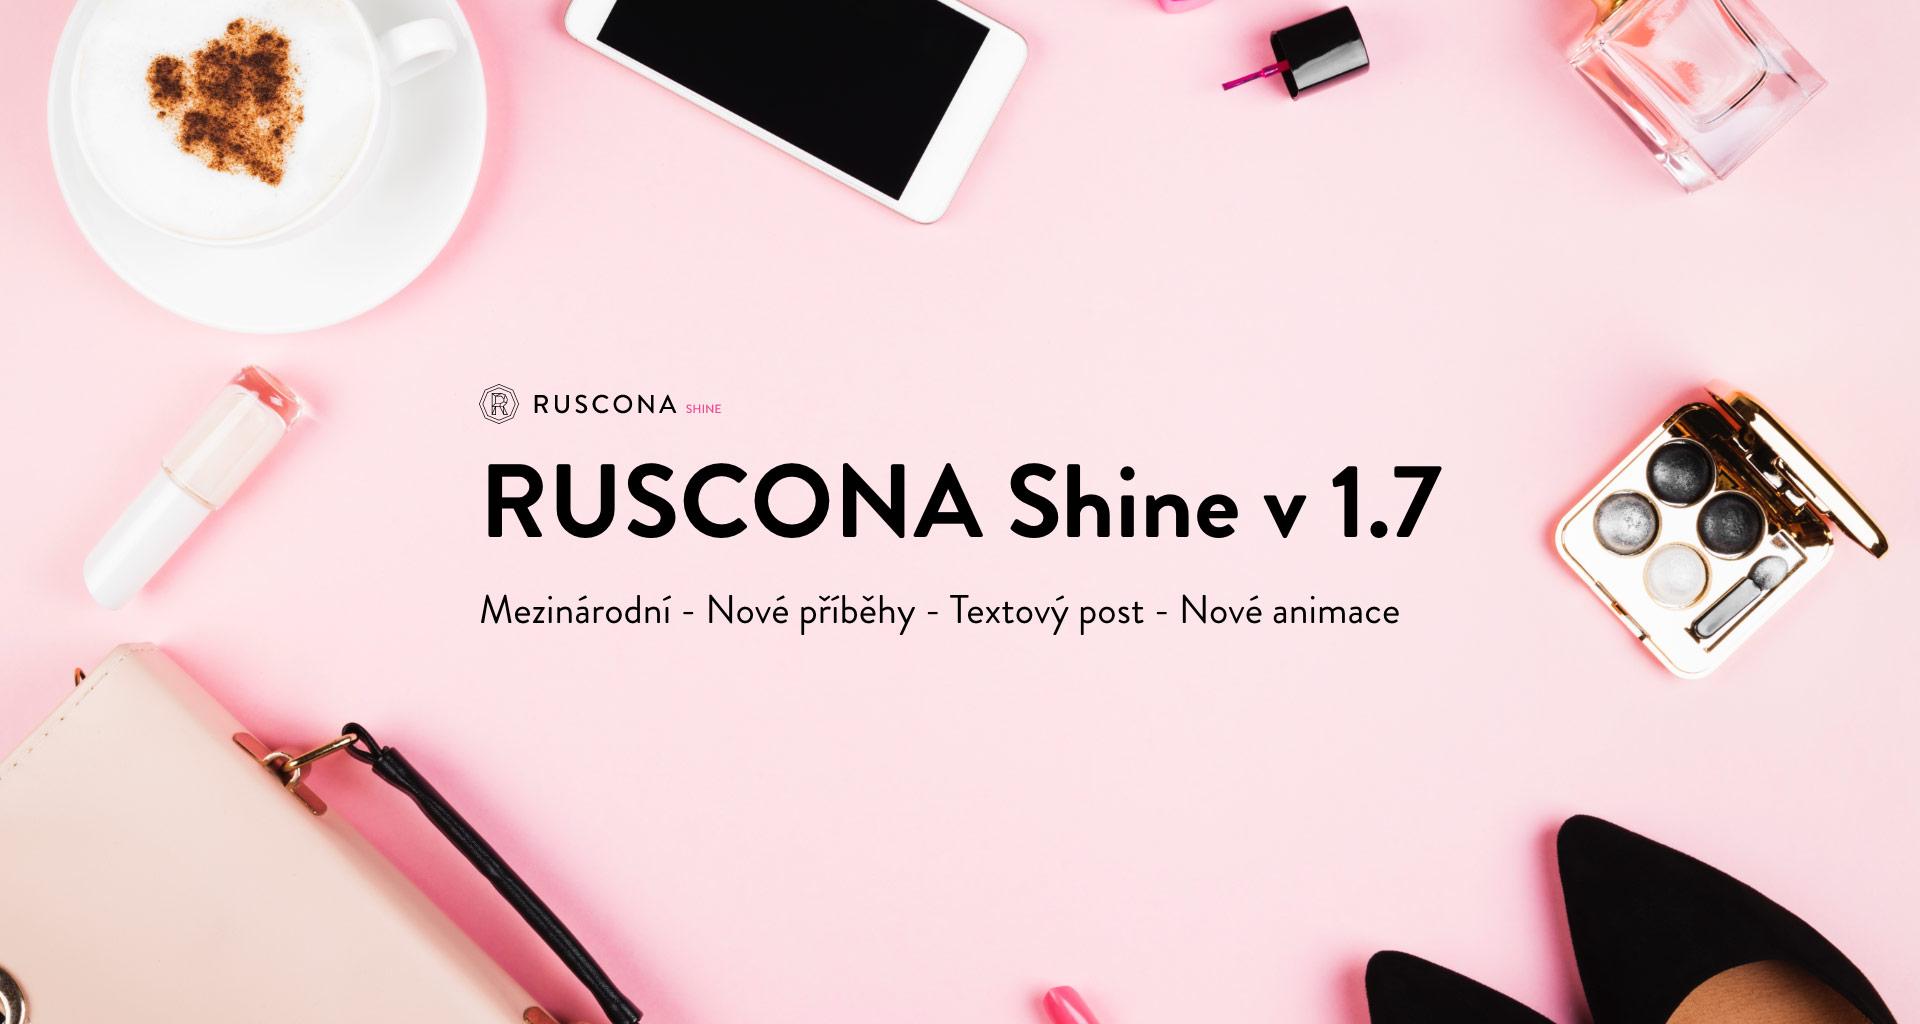 RUSCONA Shine v 1.7: Malý velký krok